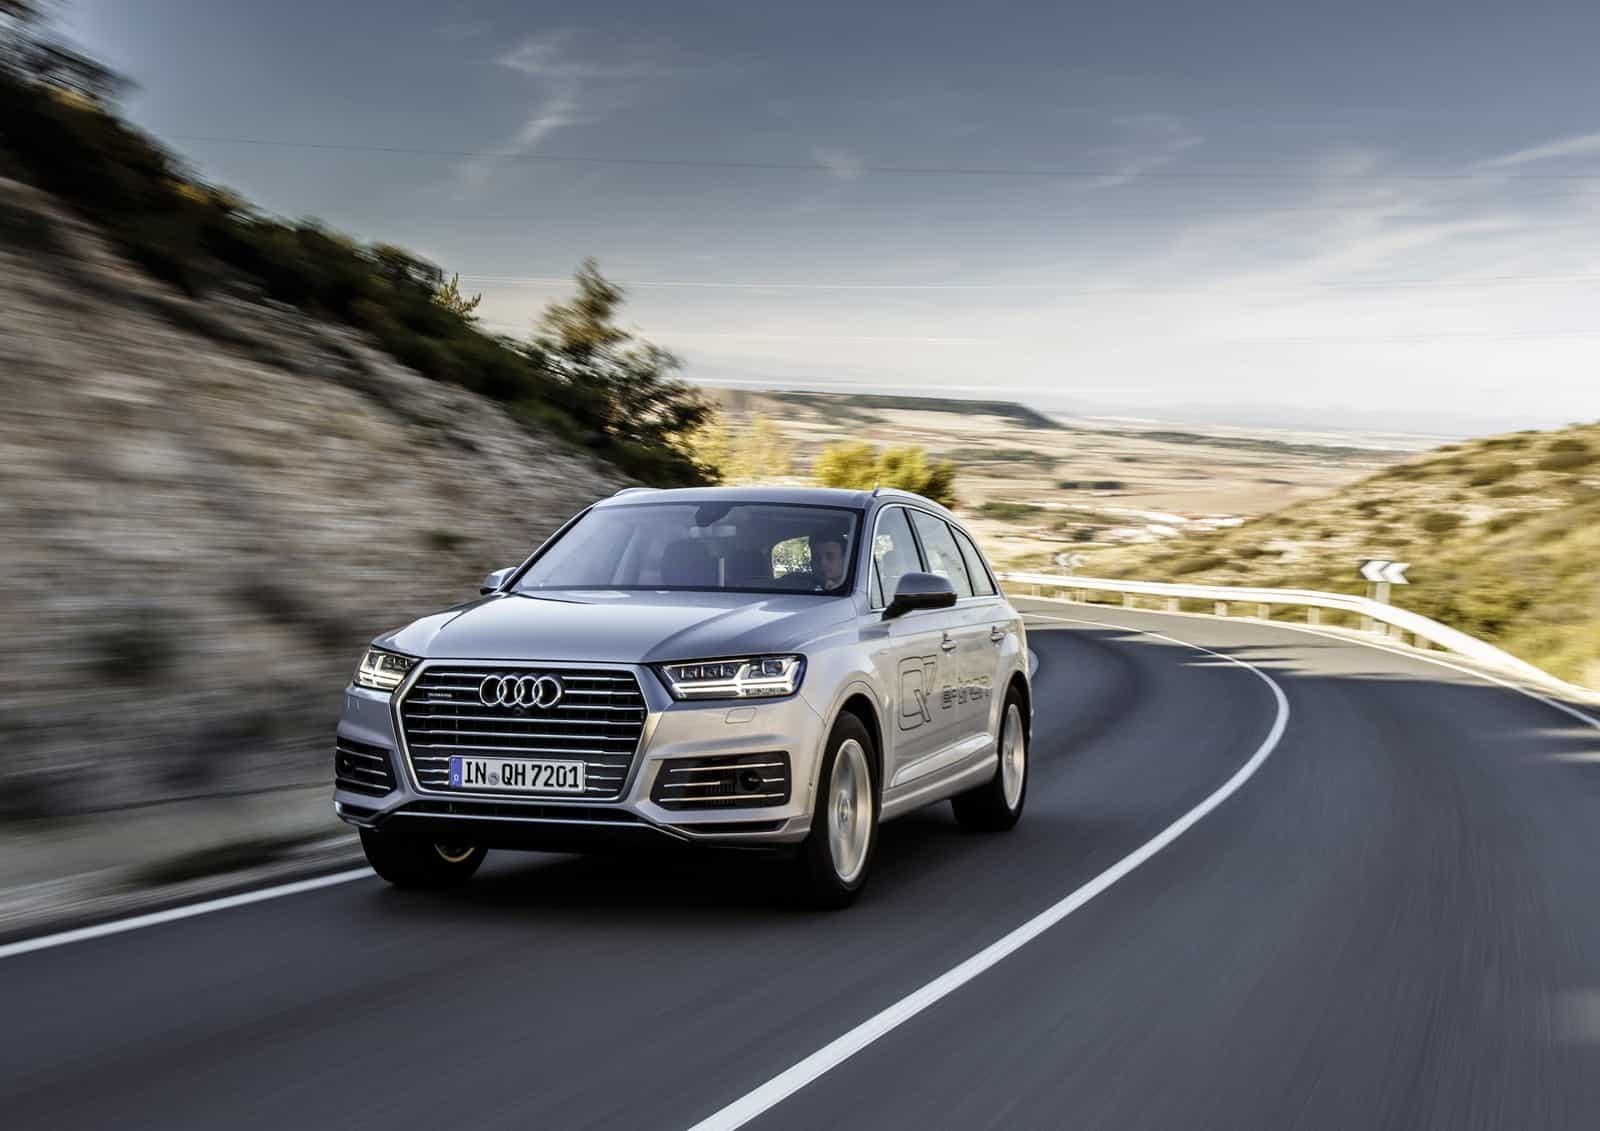 Il faut un porte-monnaie bien garni pour commander l'Audi Q7 hybride